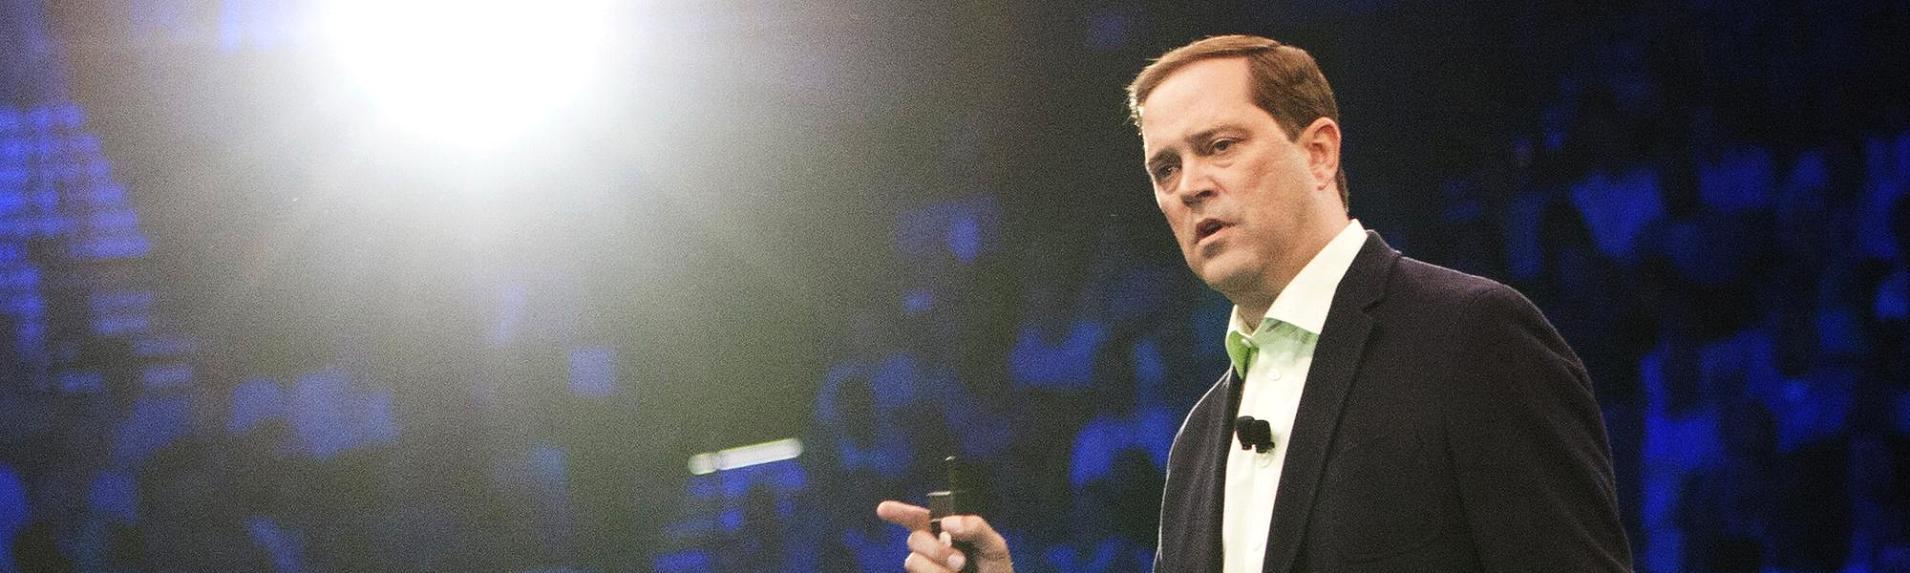 Cisco acquisisce BroadSoft per circa $1,9 miliardi